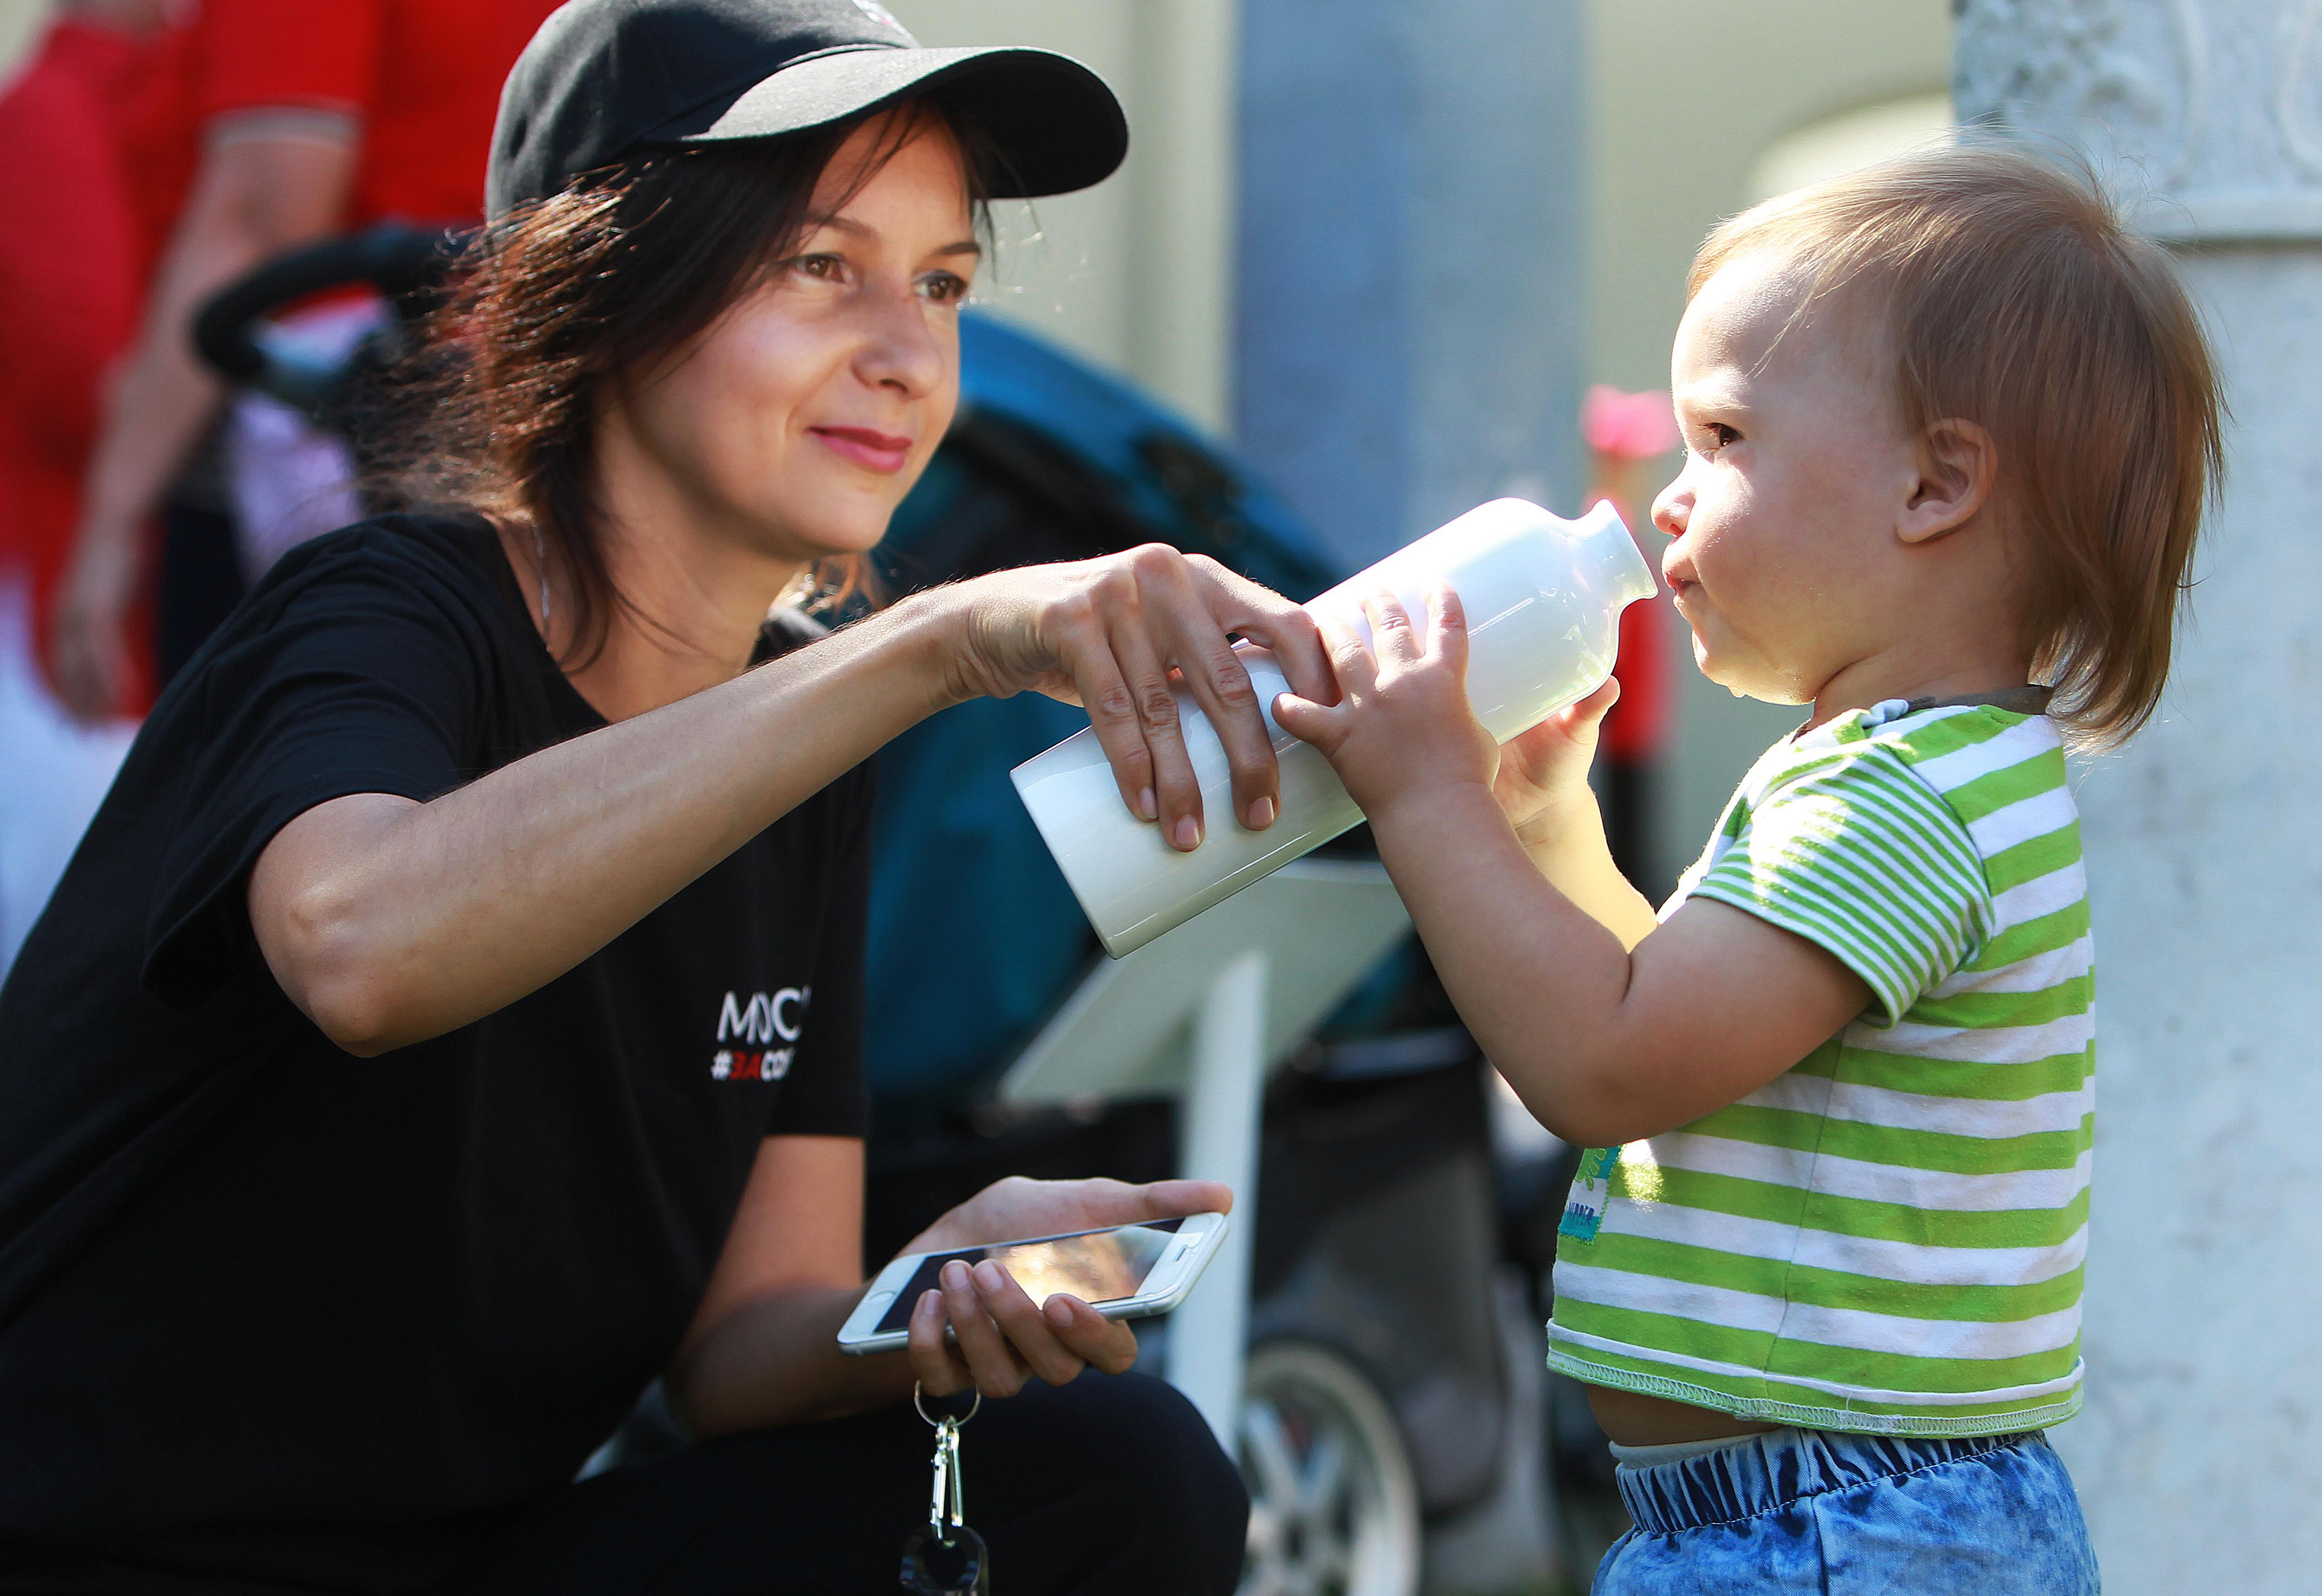 Свыше 300 тысяч человек ежемесячно получают питание на молочных кухнях Москвы